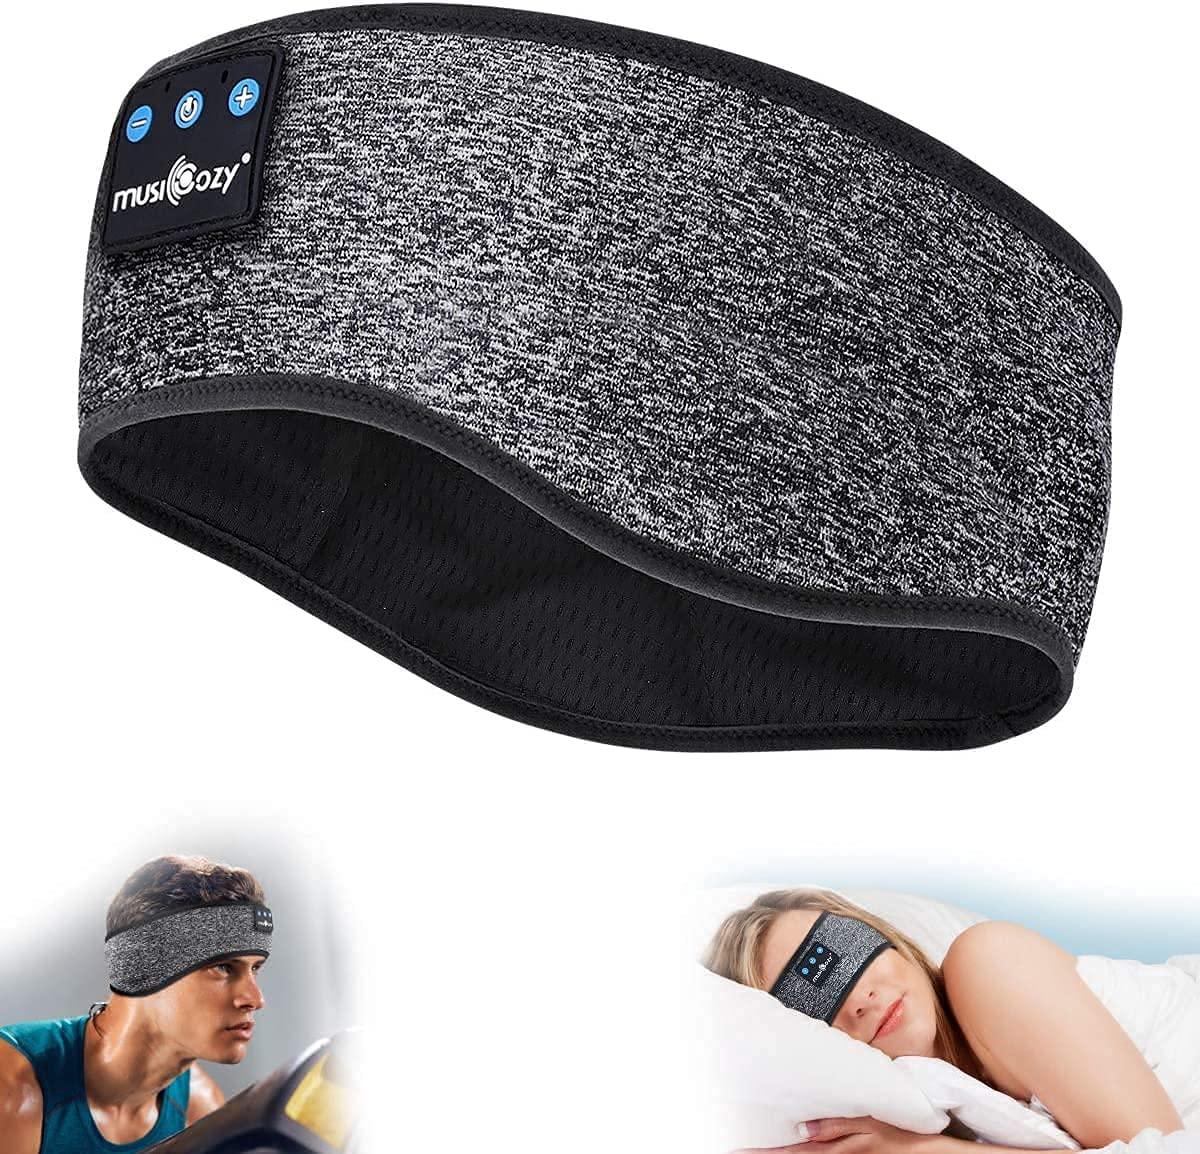 MUSICOZY Sleep Headphones Headband Wireless Music Sleeping Headphones Noise Cancelling Sleep Mask